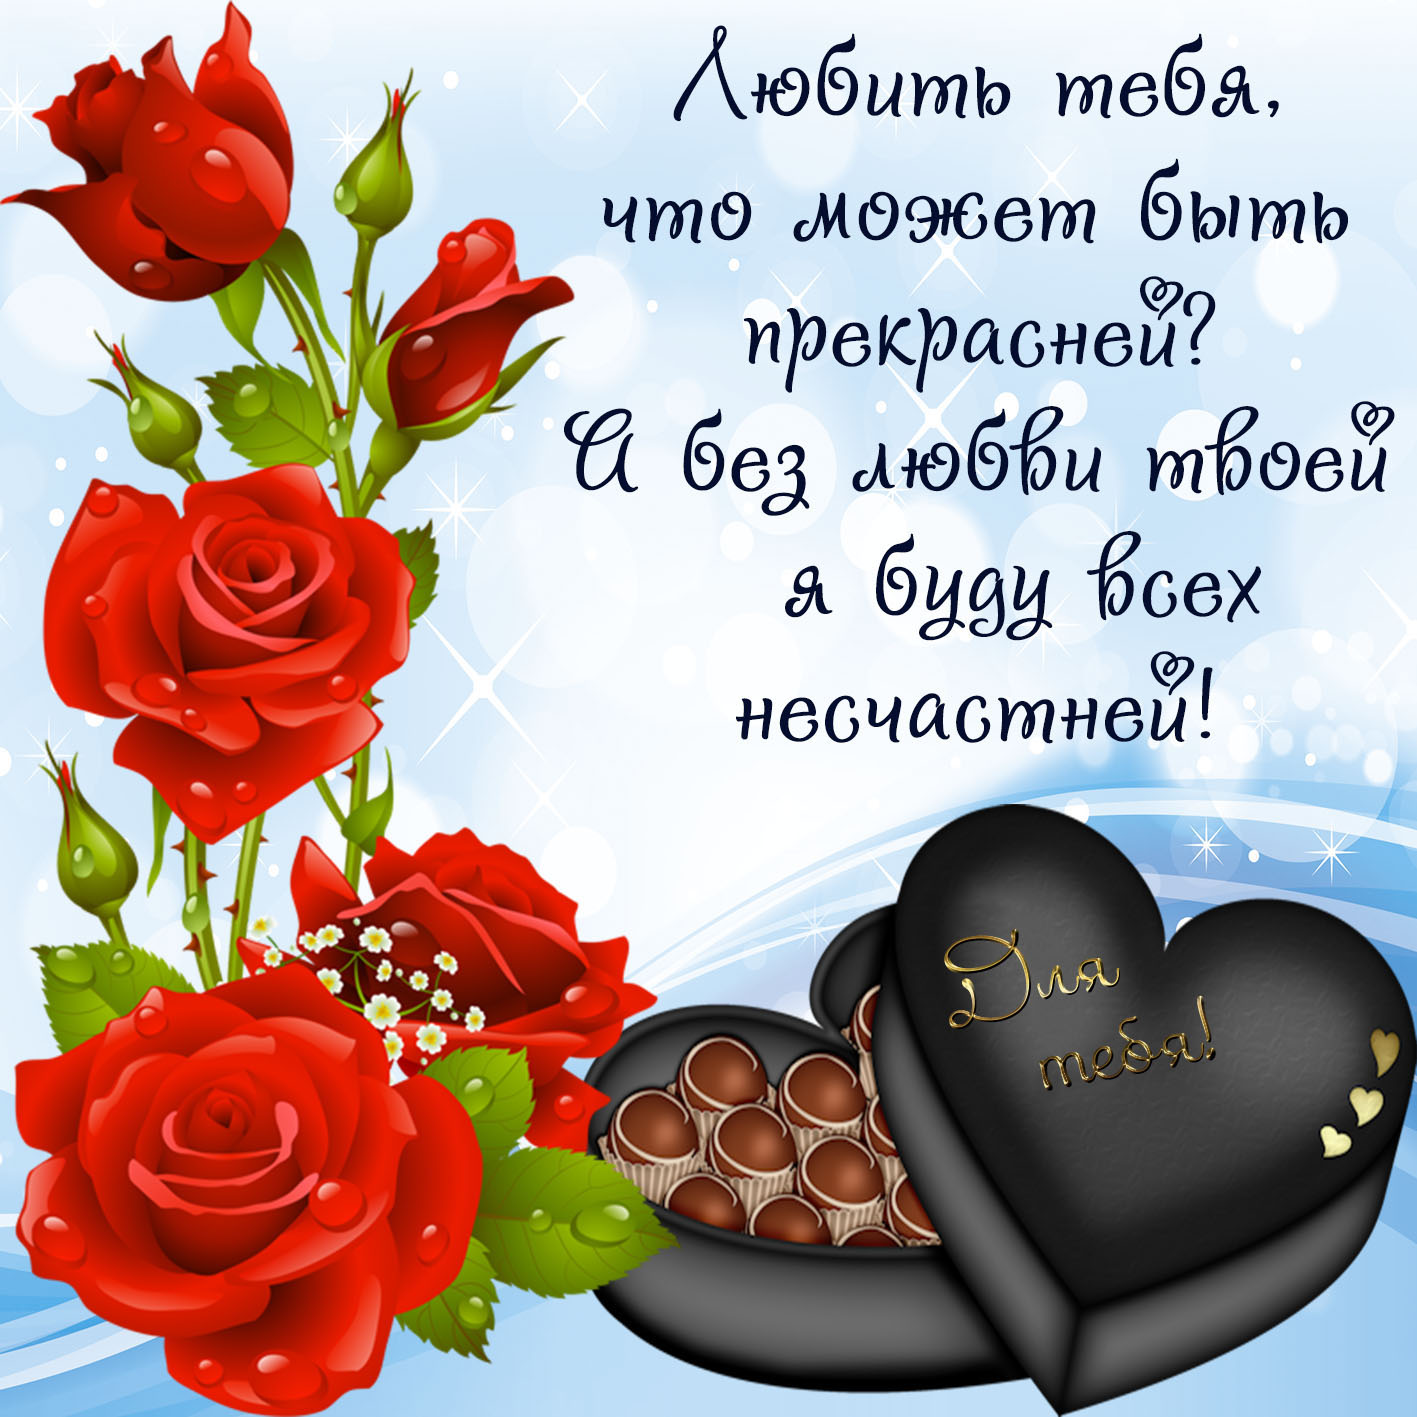 Открытка для тебя с конфетами и розами